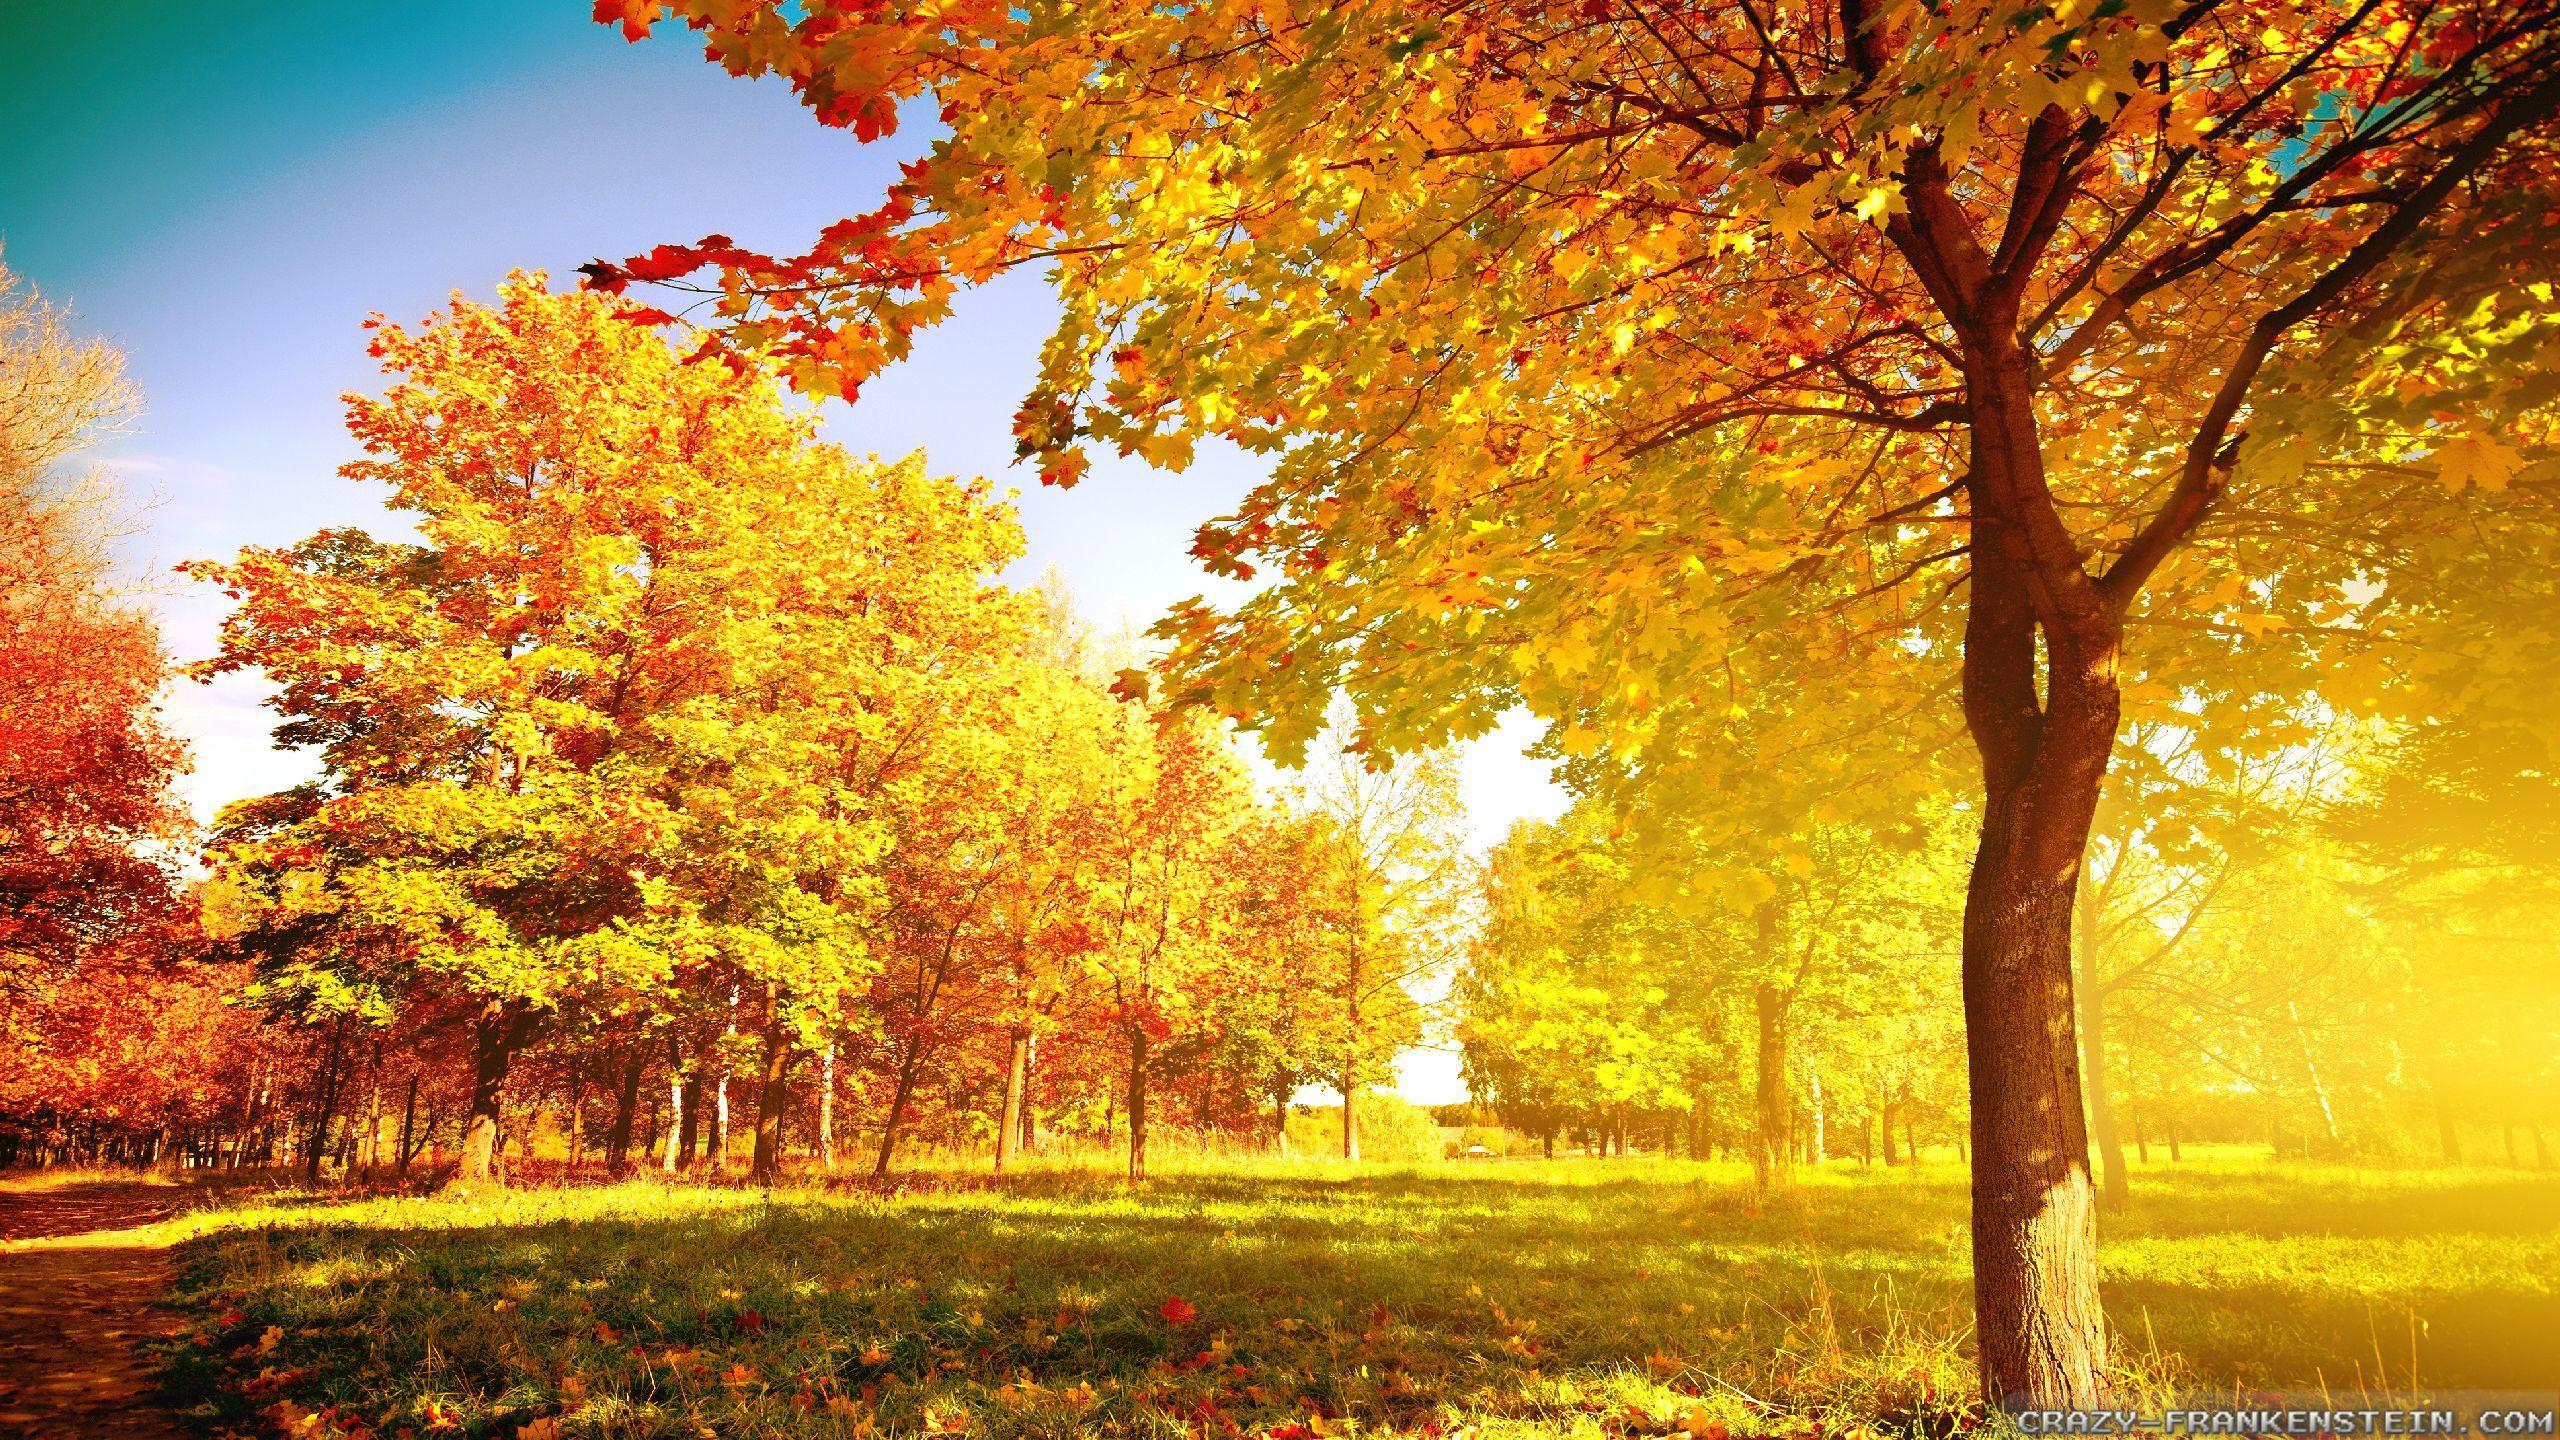 pinsophia oyarzún on places | pinterest | autumn trees, 3d